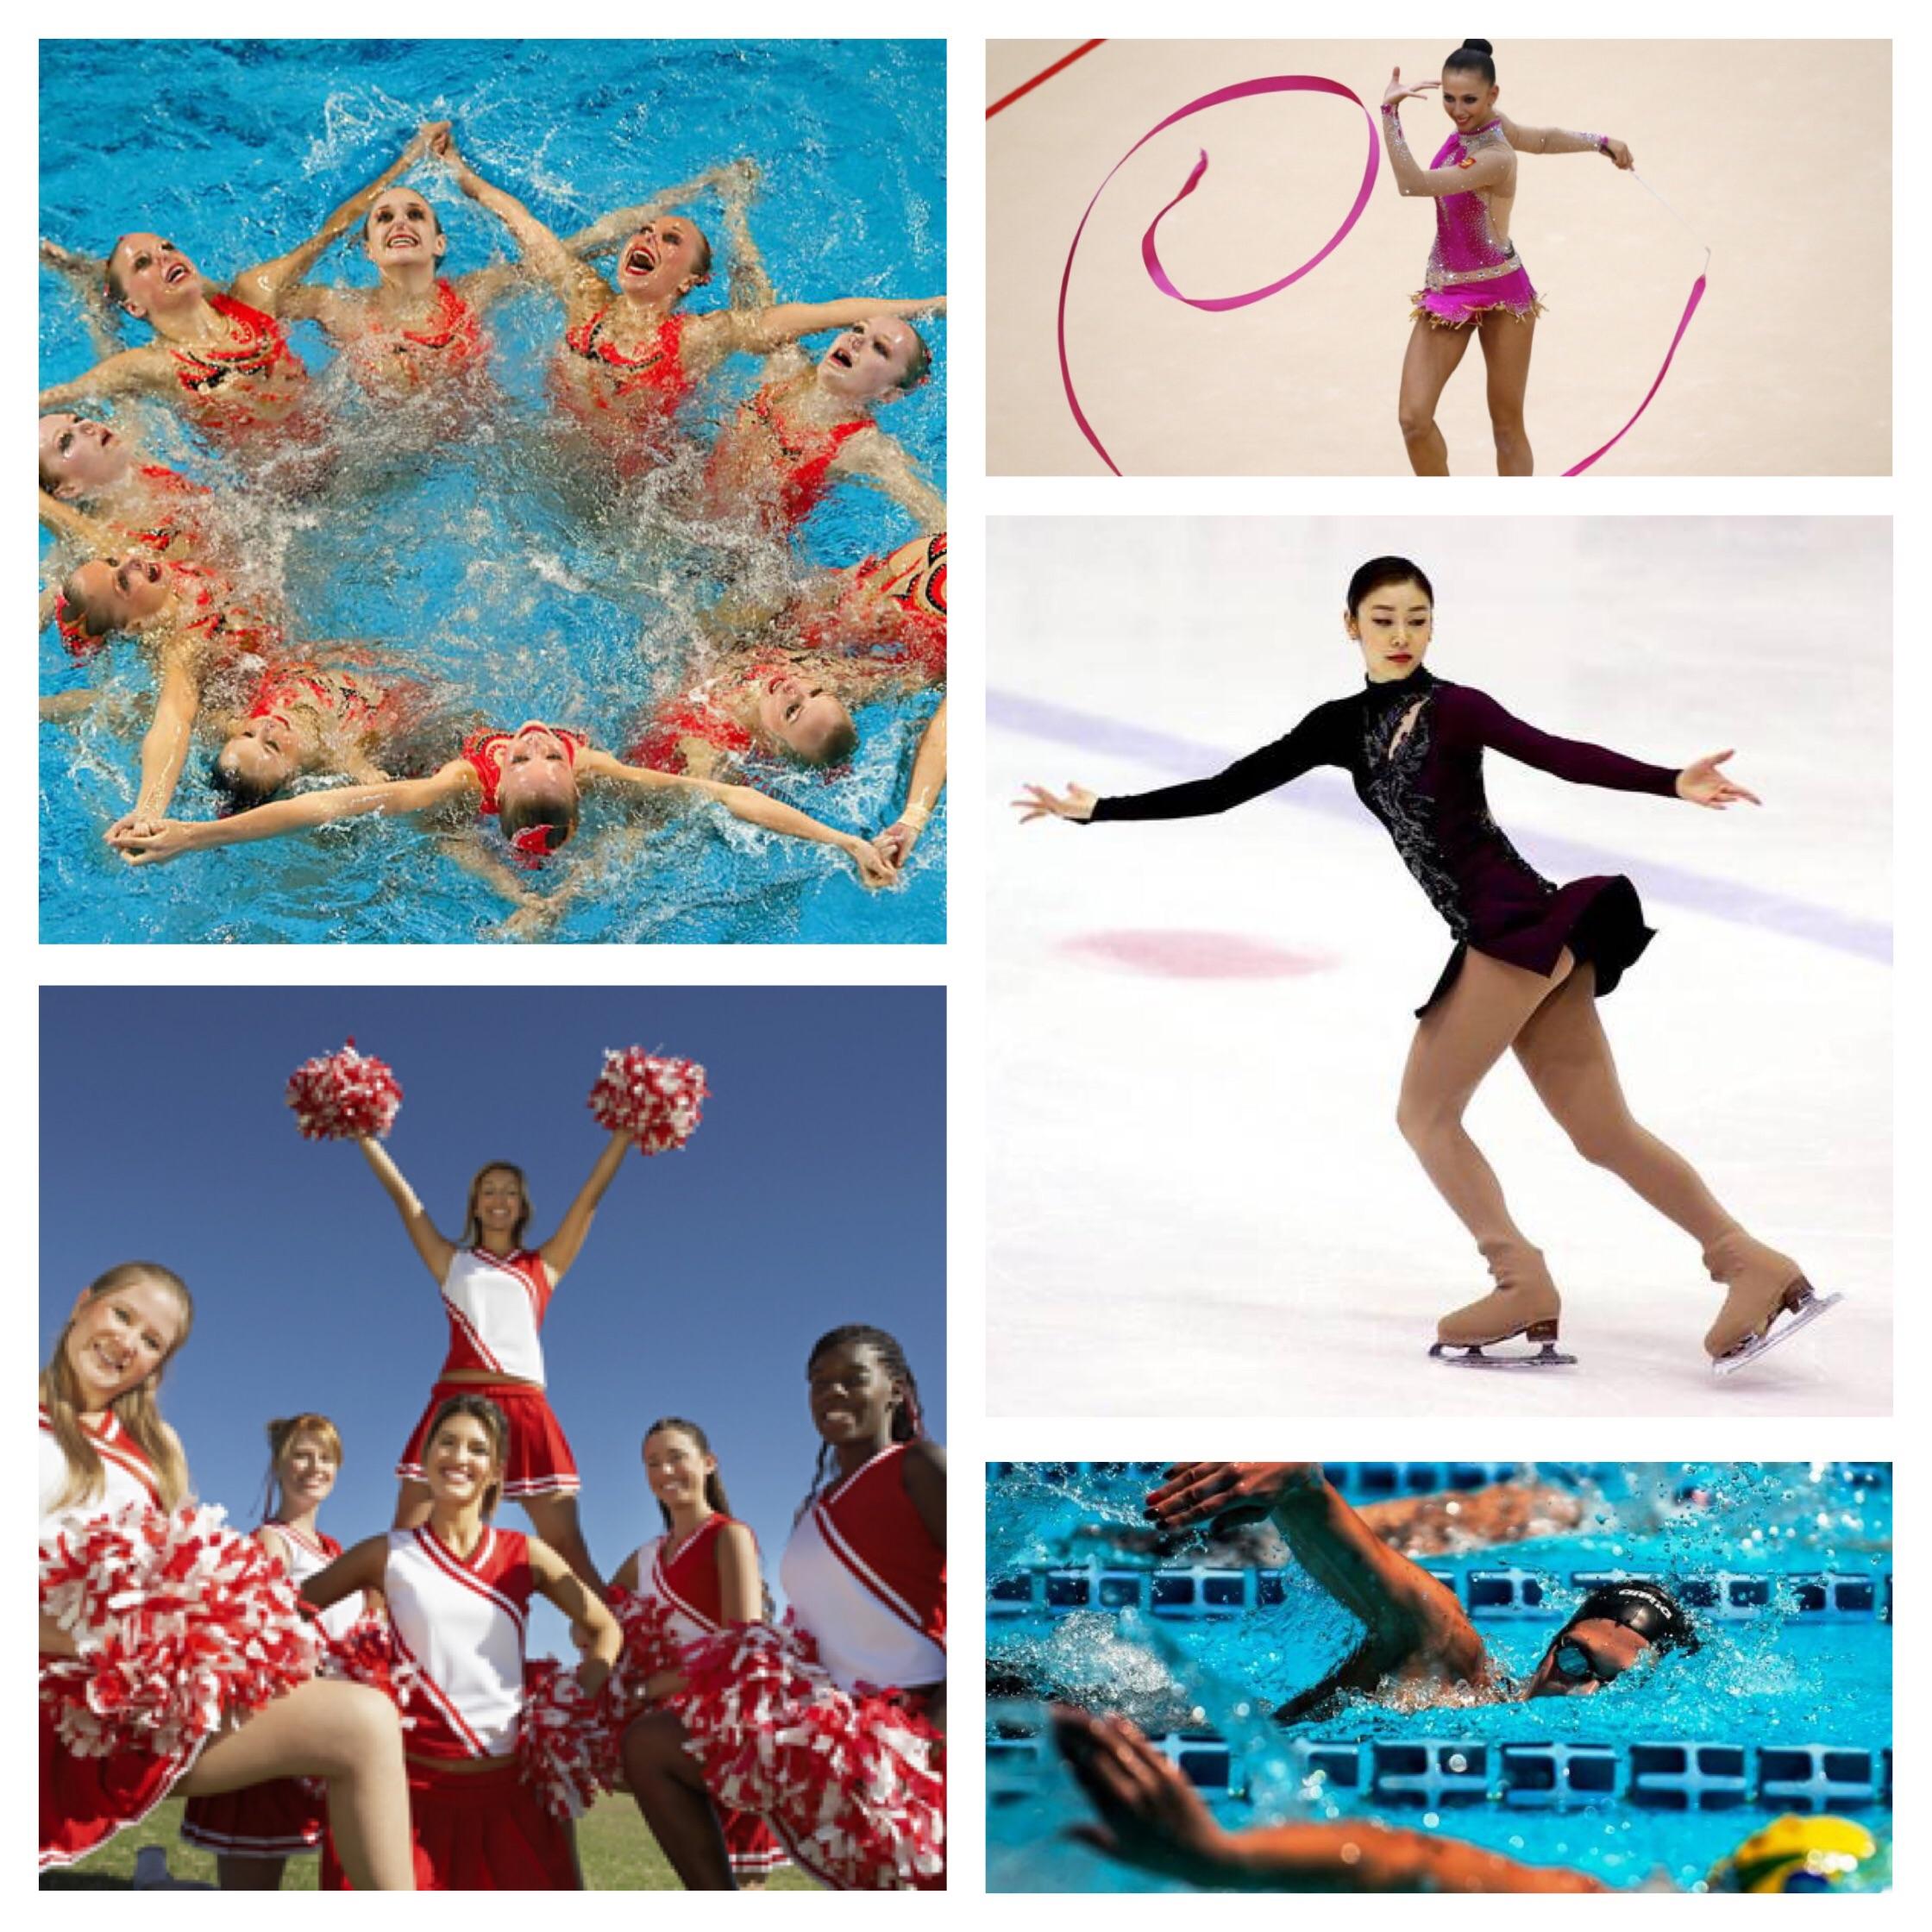 Esportes que eu praticaria